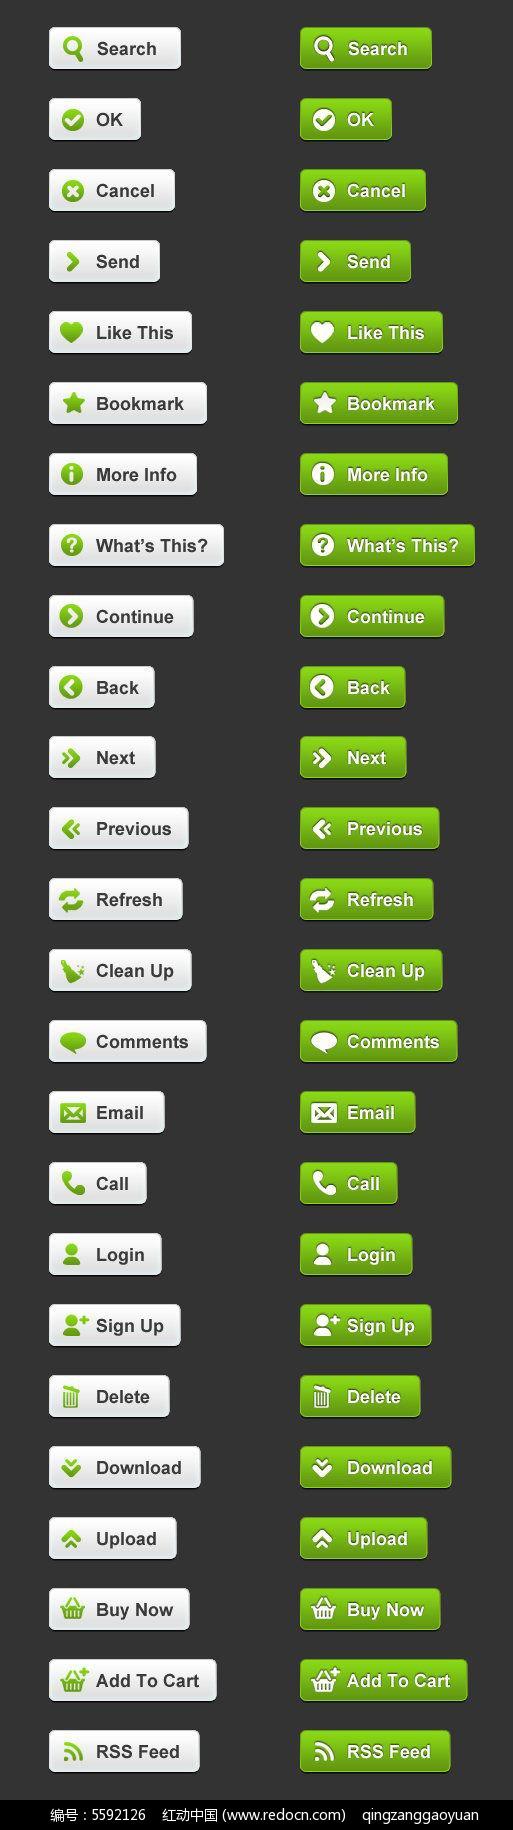 网页按钮图标psd素材免费下载